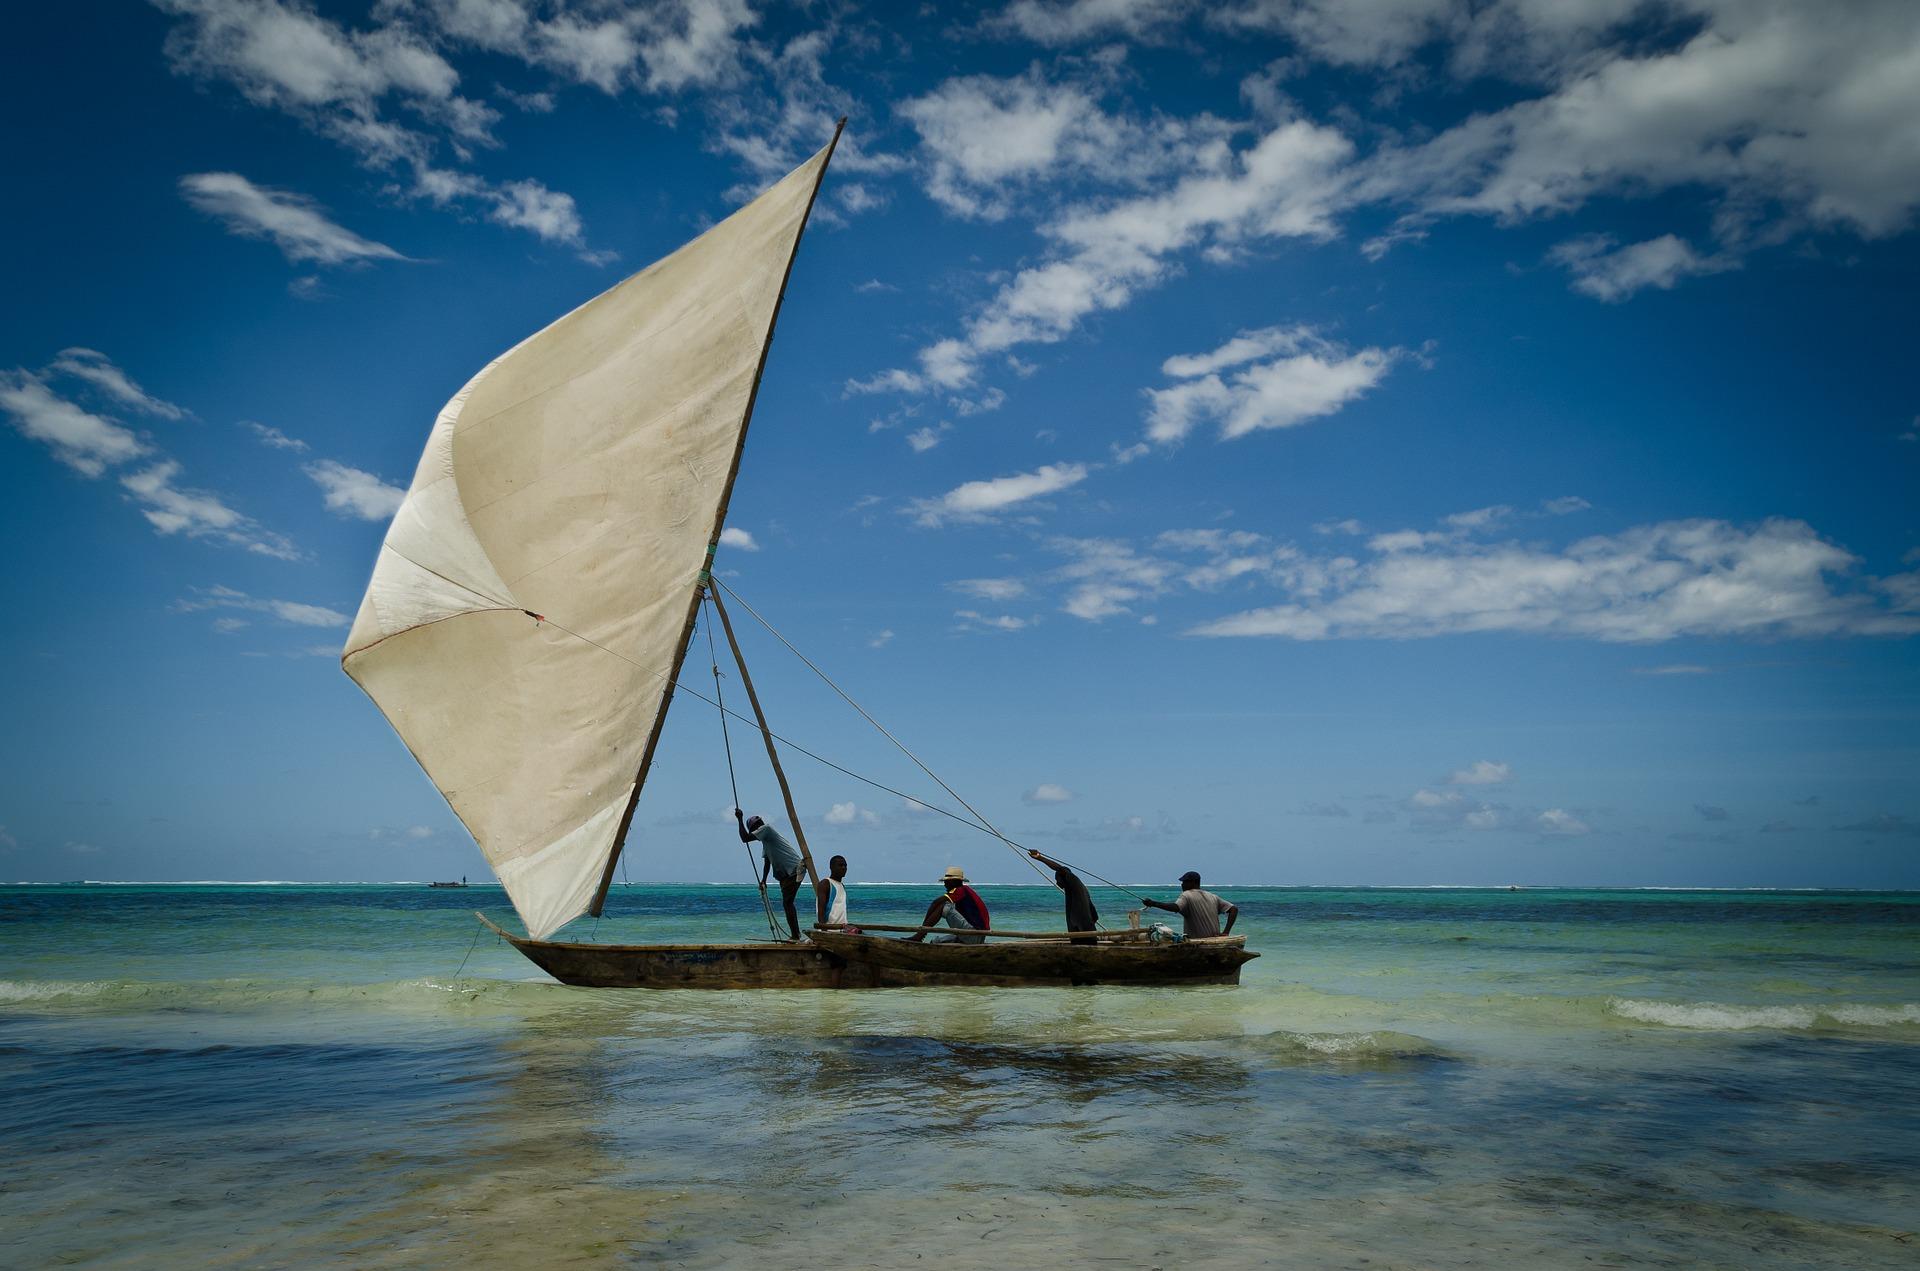 桑给巴尔岛, 小船, 蜡烛, 海, 天空, 放松, 导航, 蓝色 - 高清壁纸 - 教授-falken.com